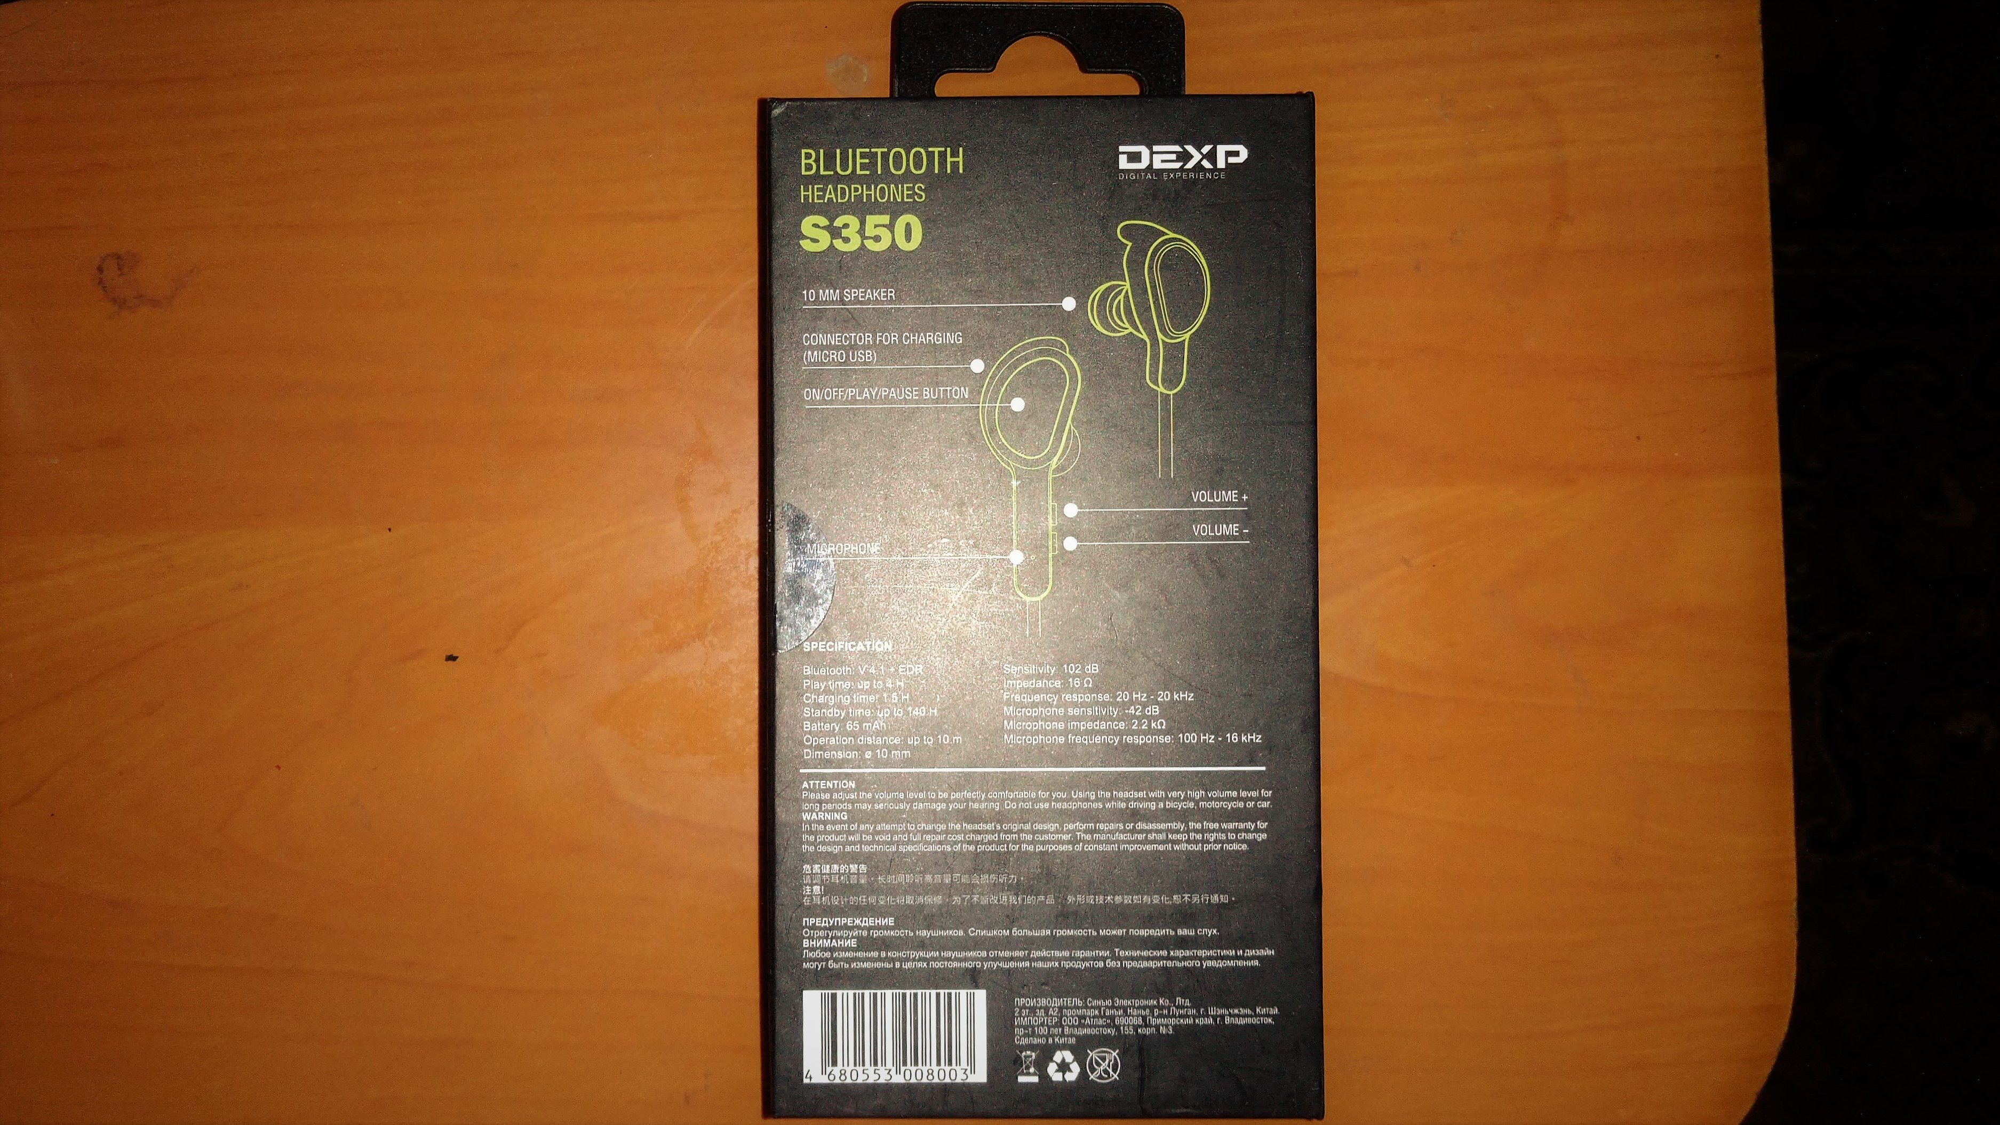 Personalnyy blog - Pochemu zhe vsyo-taki Bluetooth? i Bluetooth stereogarnitura DEXP S350.